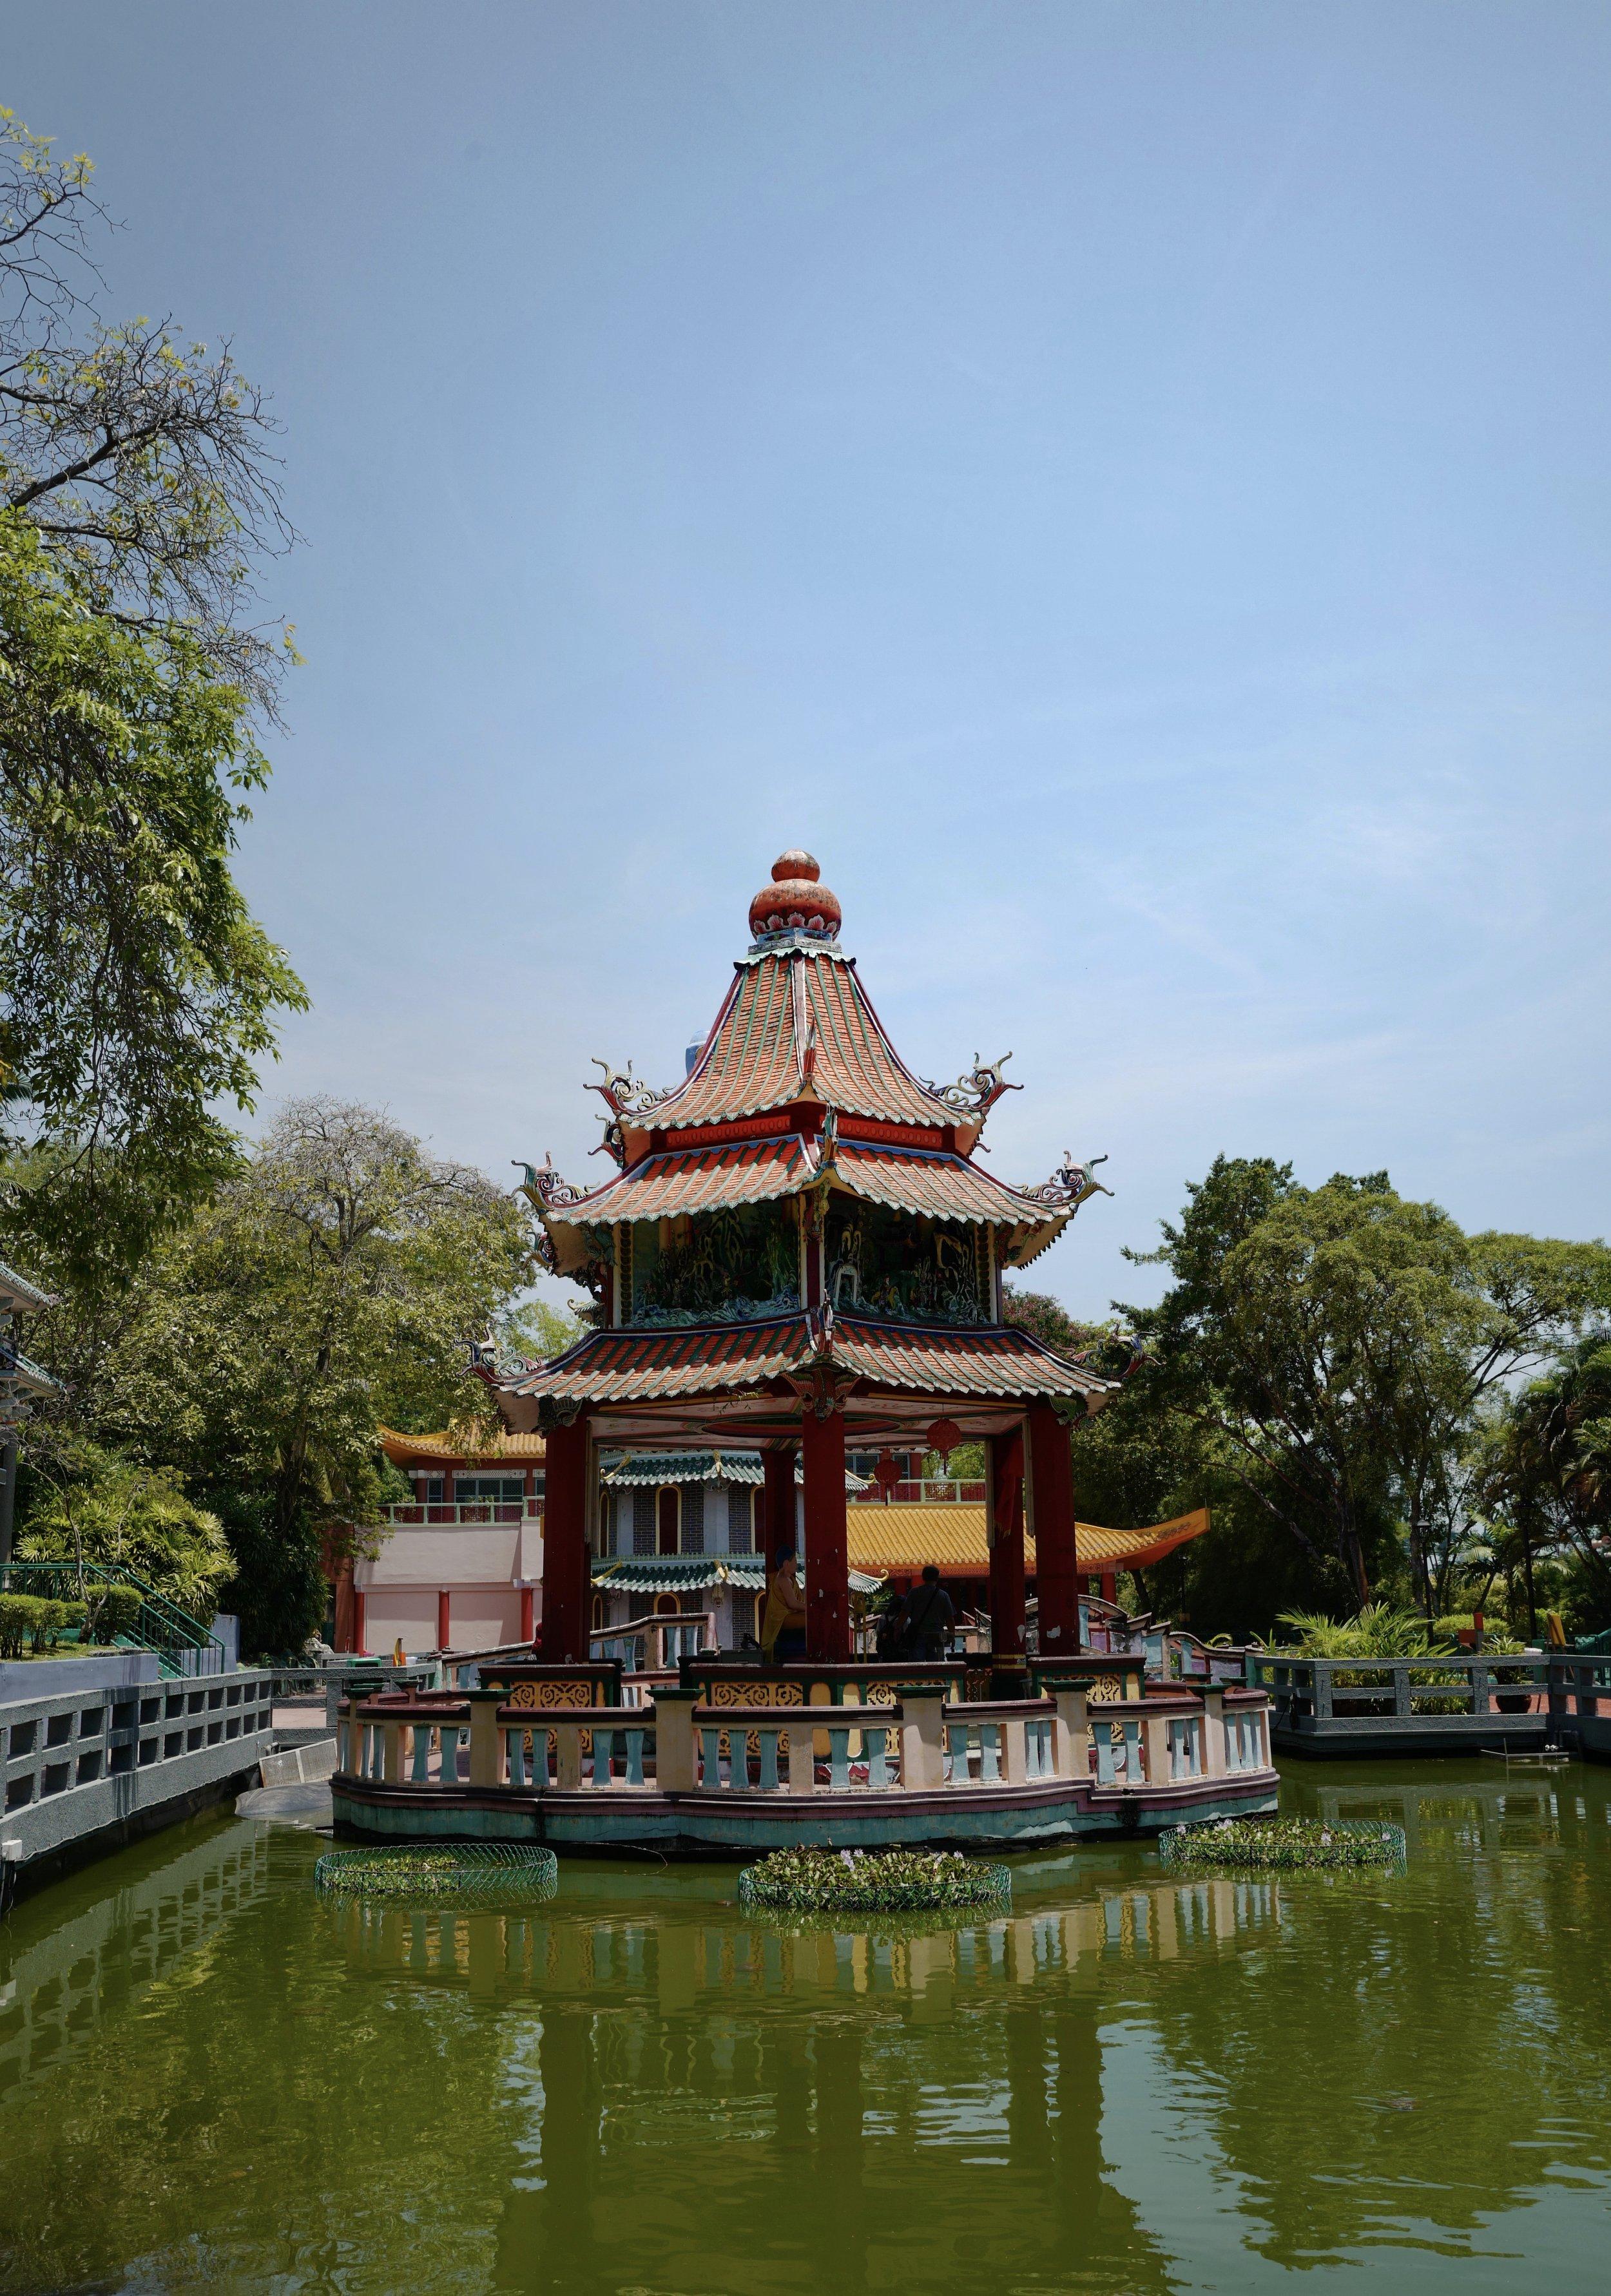 The pagoda at    Haw Par Villa